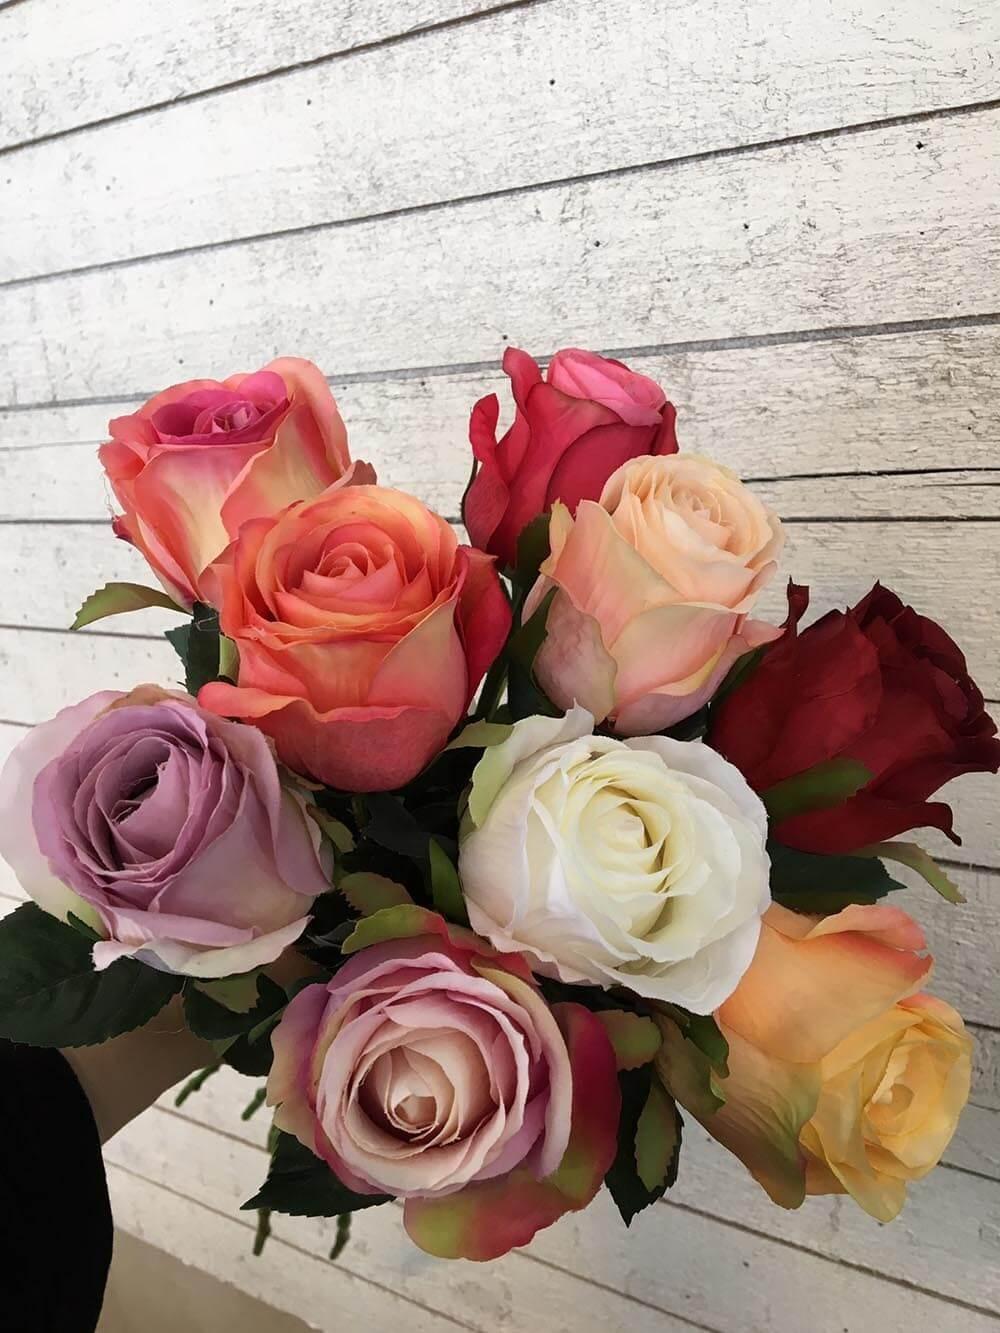 Ros, champagne rosa, konstgjord blomma